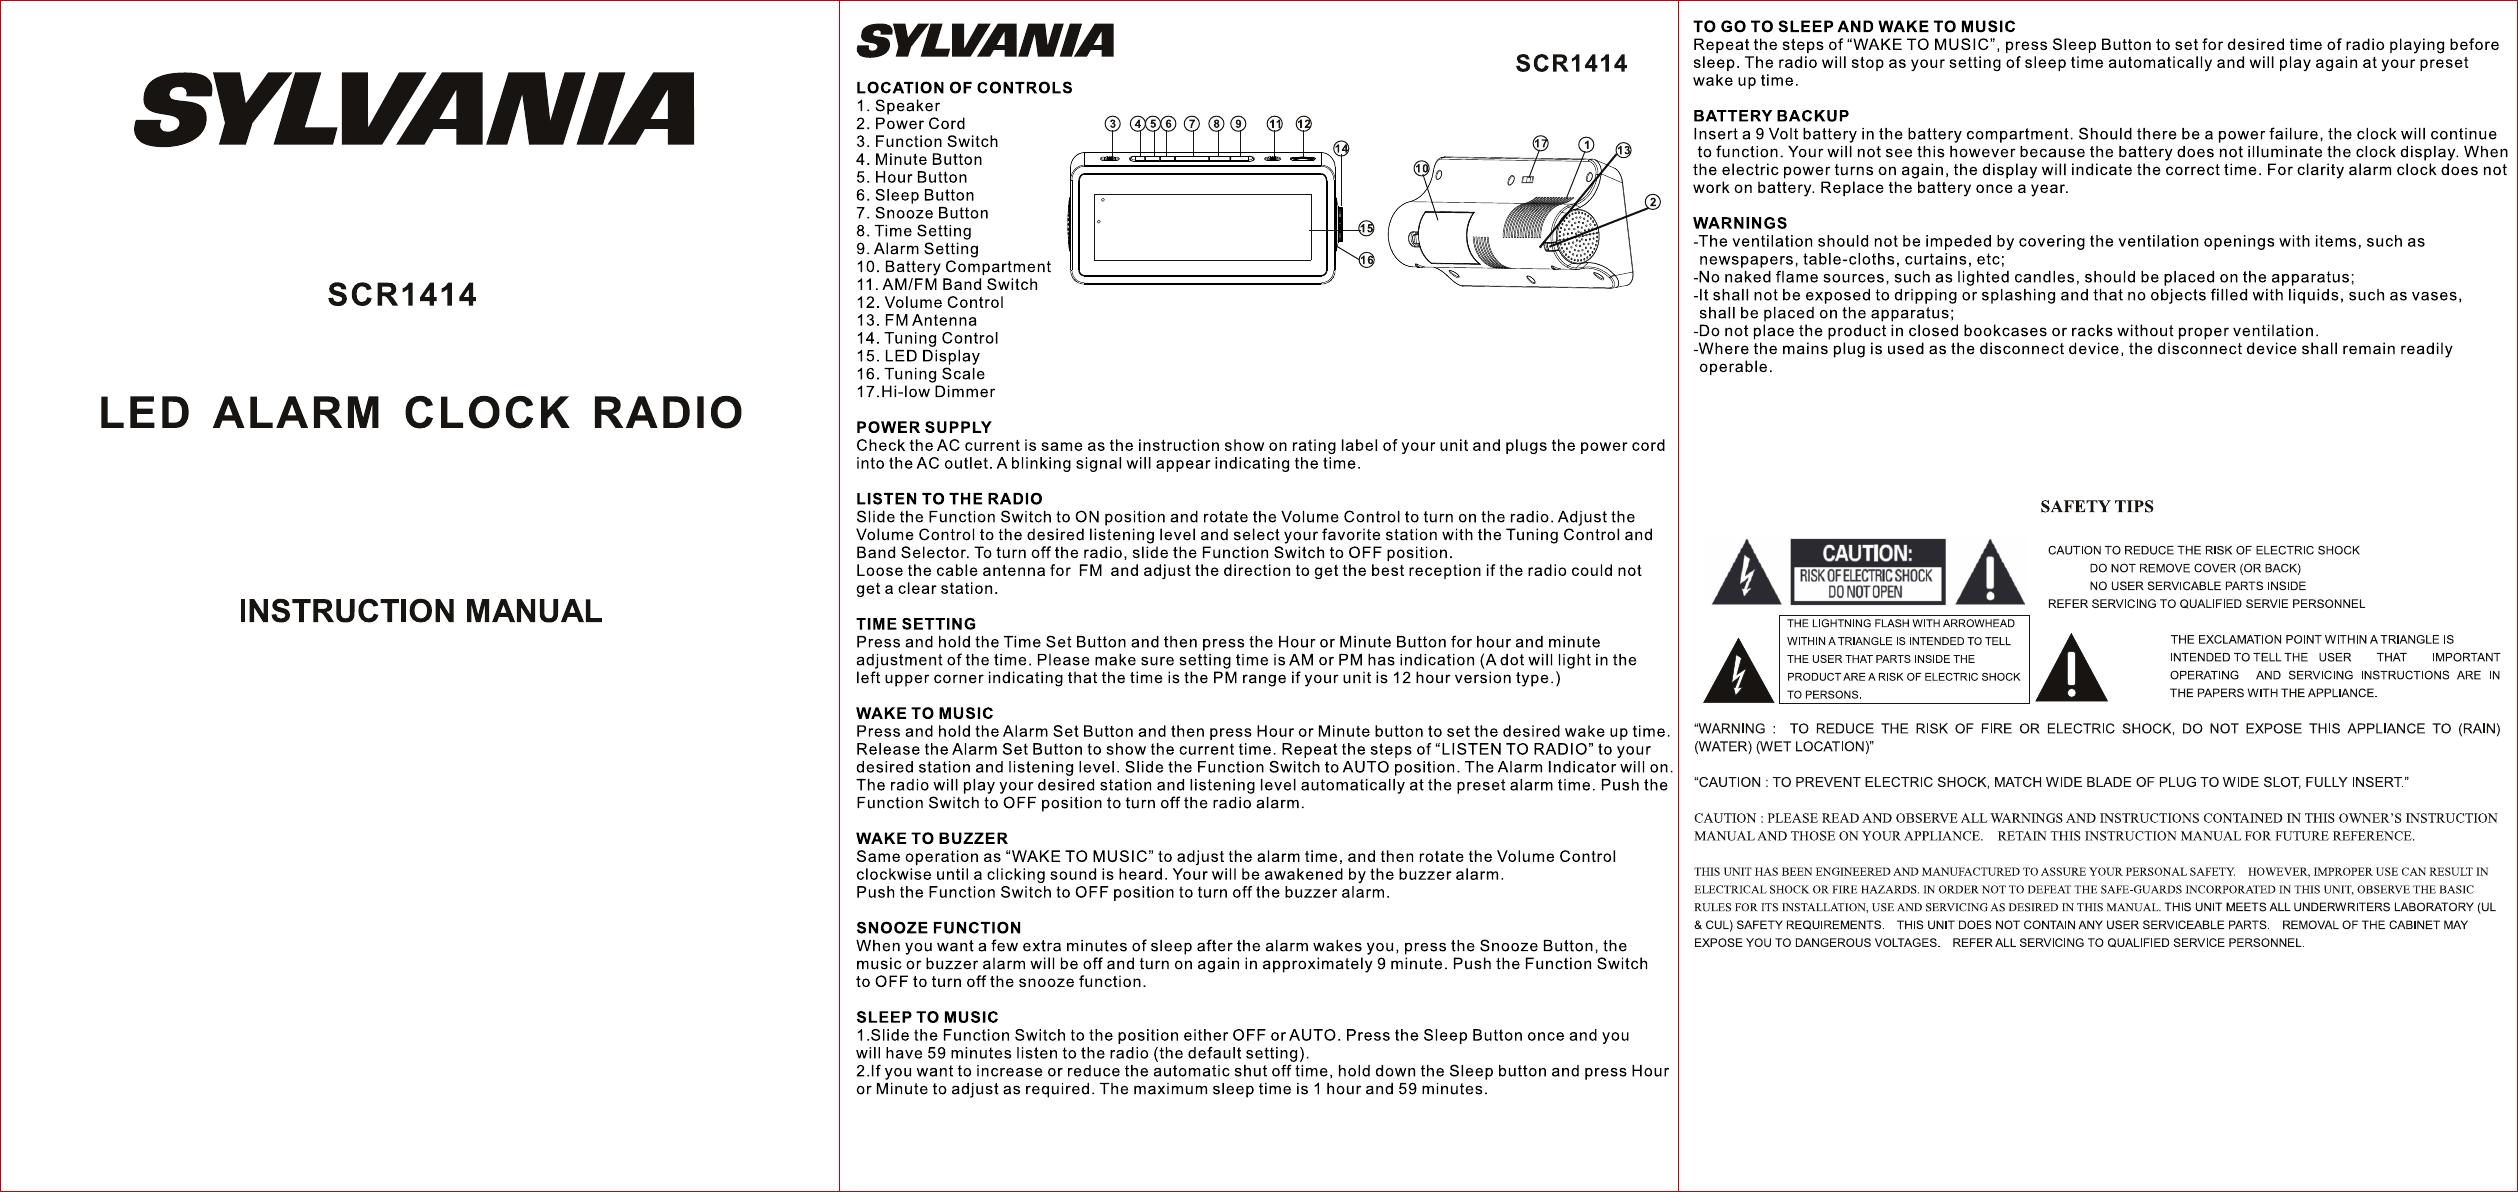 sylvania clock radio scr1414 user guide manualsonline com rh portablemedia manualsonline com audiovox cd alarm clock radio manual Audiovox CD Alarm Clock